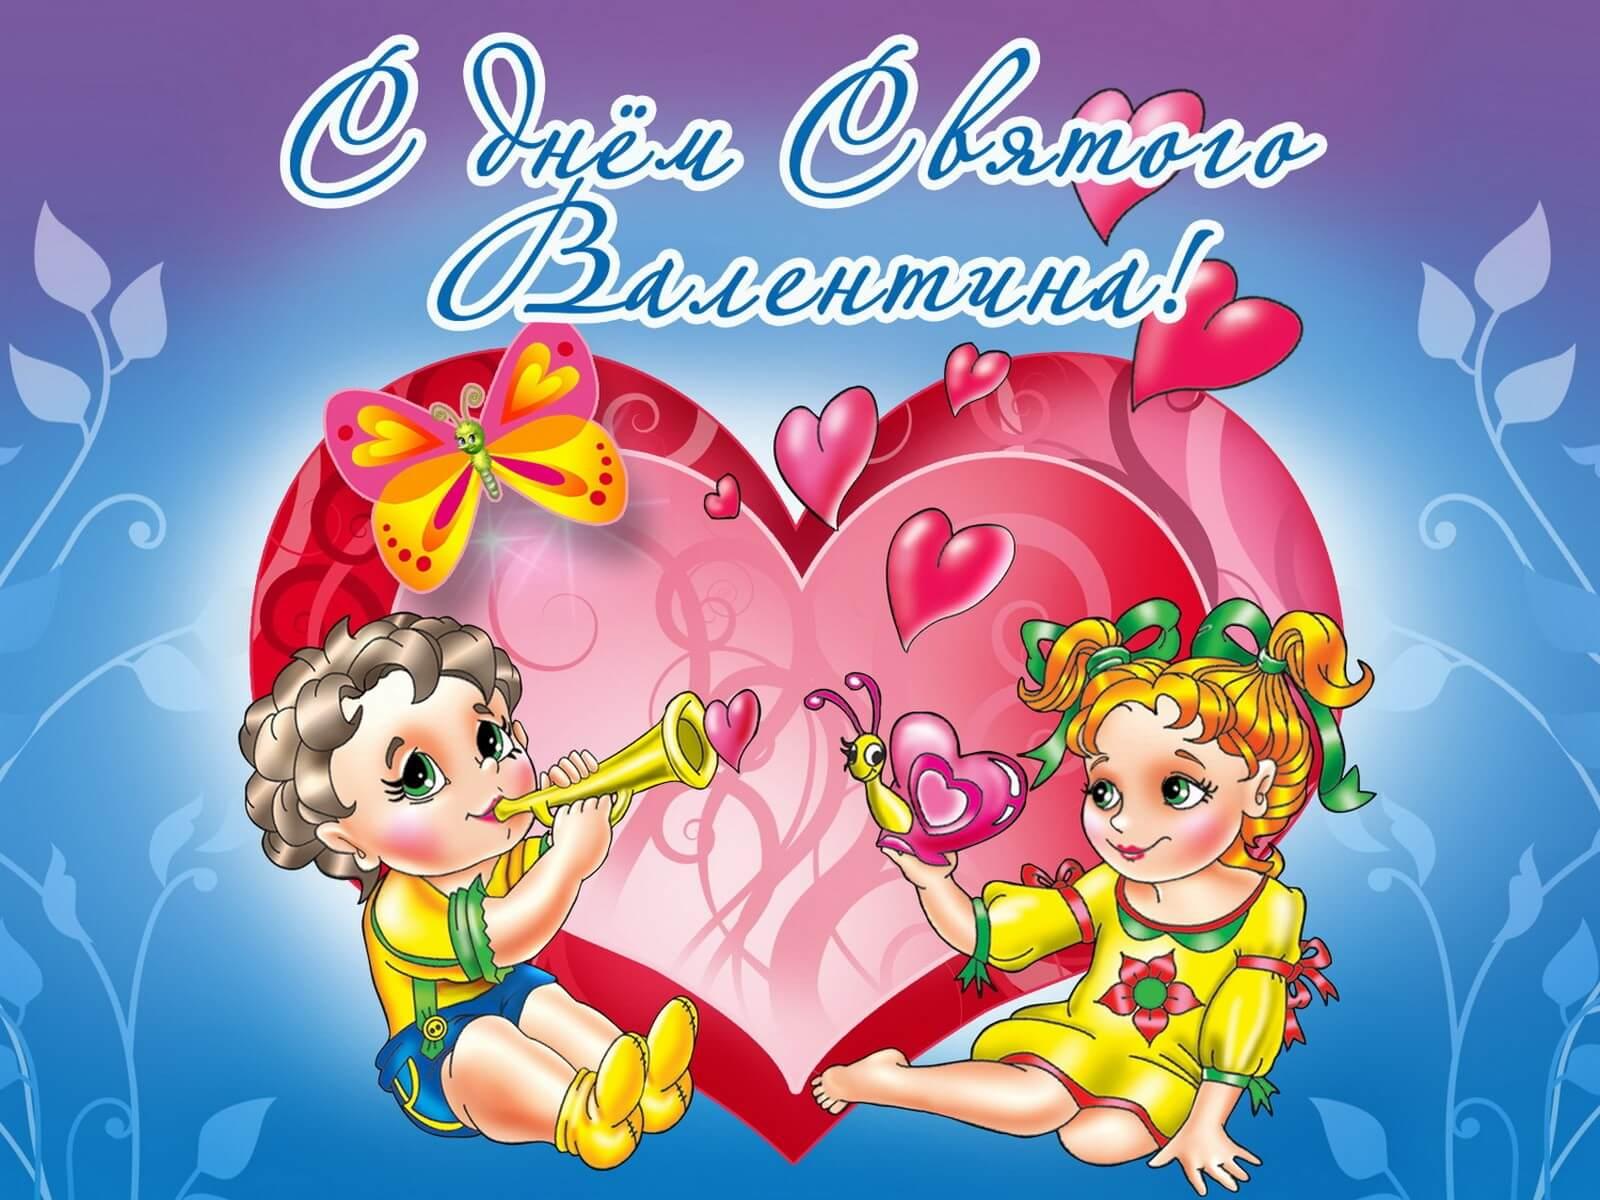 С Днем Святого Валентина!  - Страница 2 E1e509b8e27b42e64d8f2e031f0949